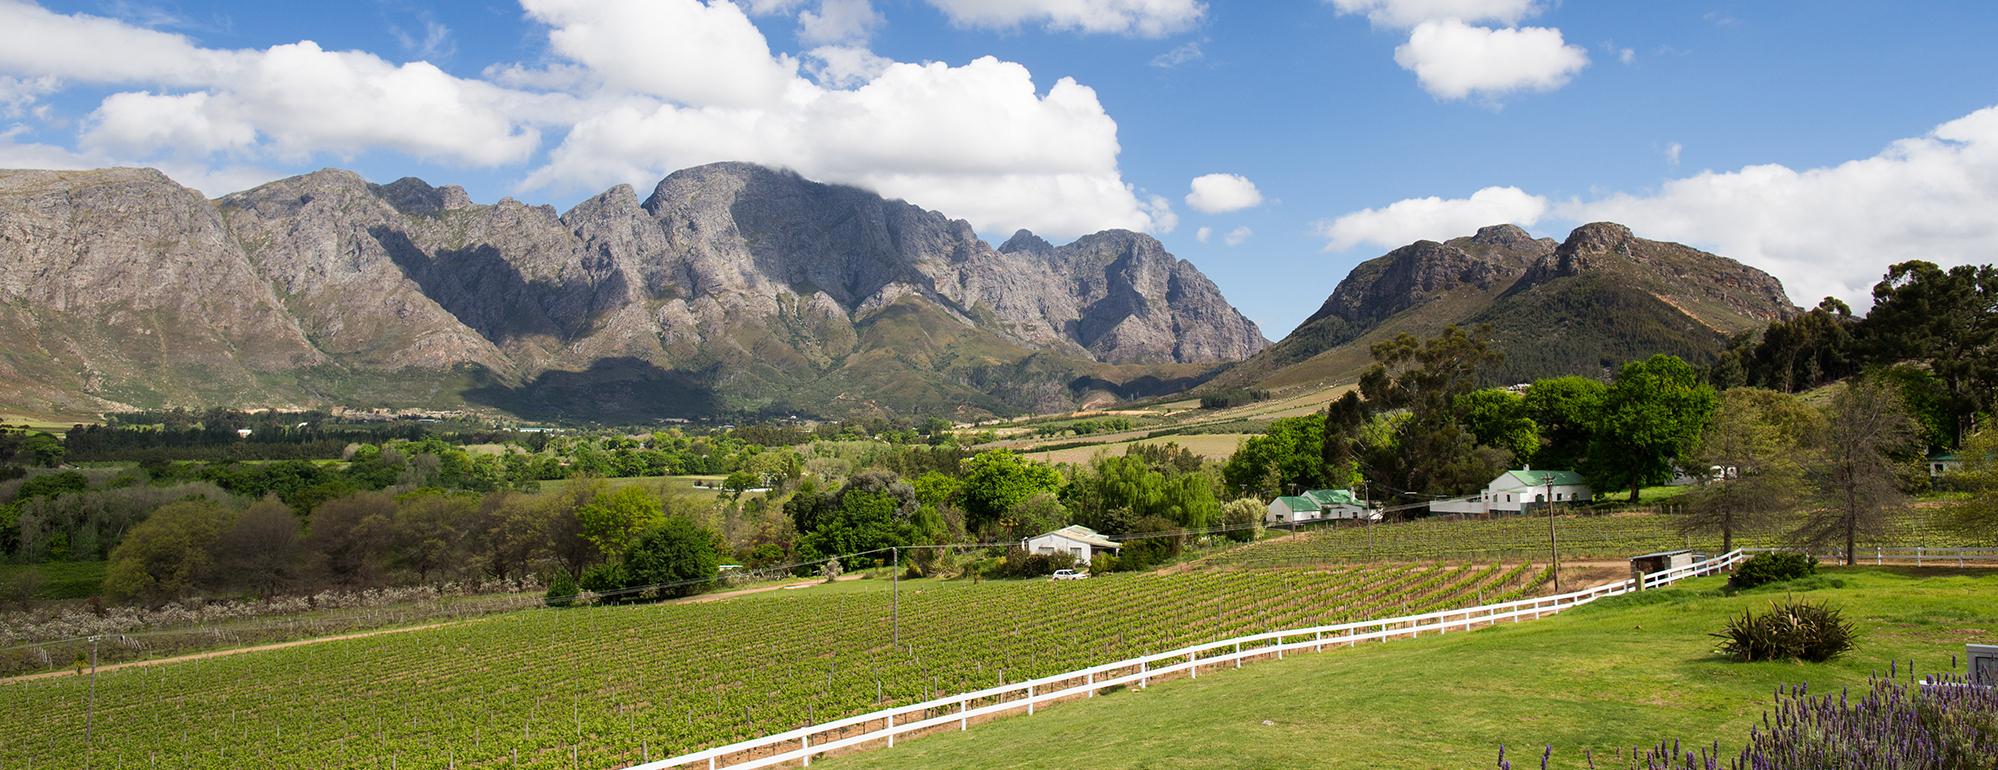 mont-rochelle-vineyard-view